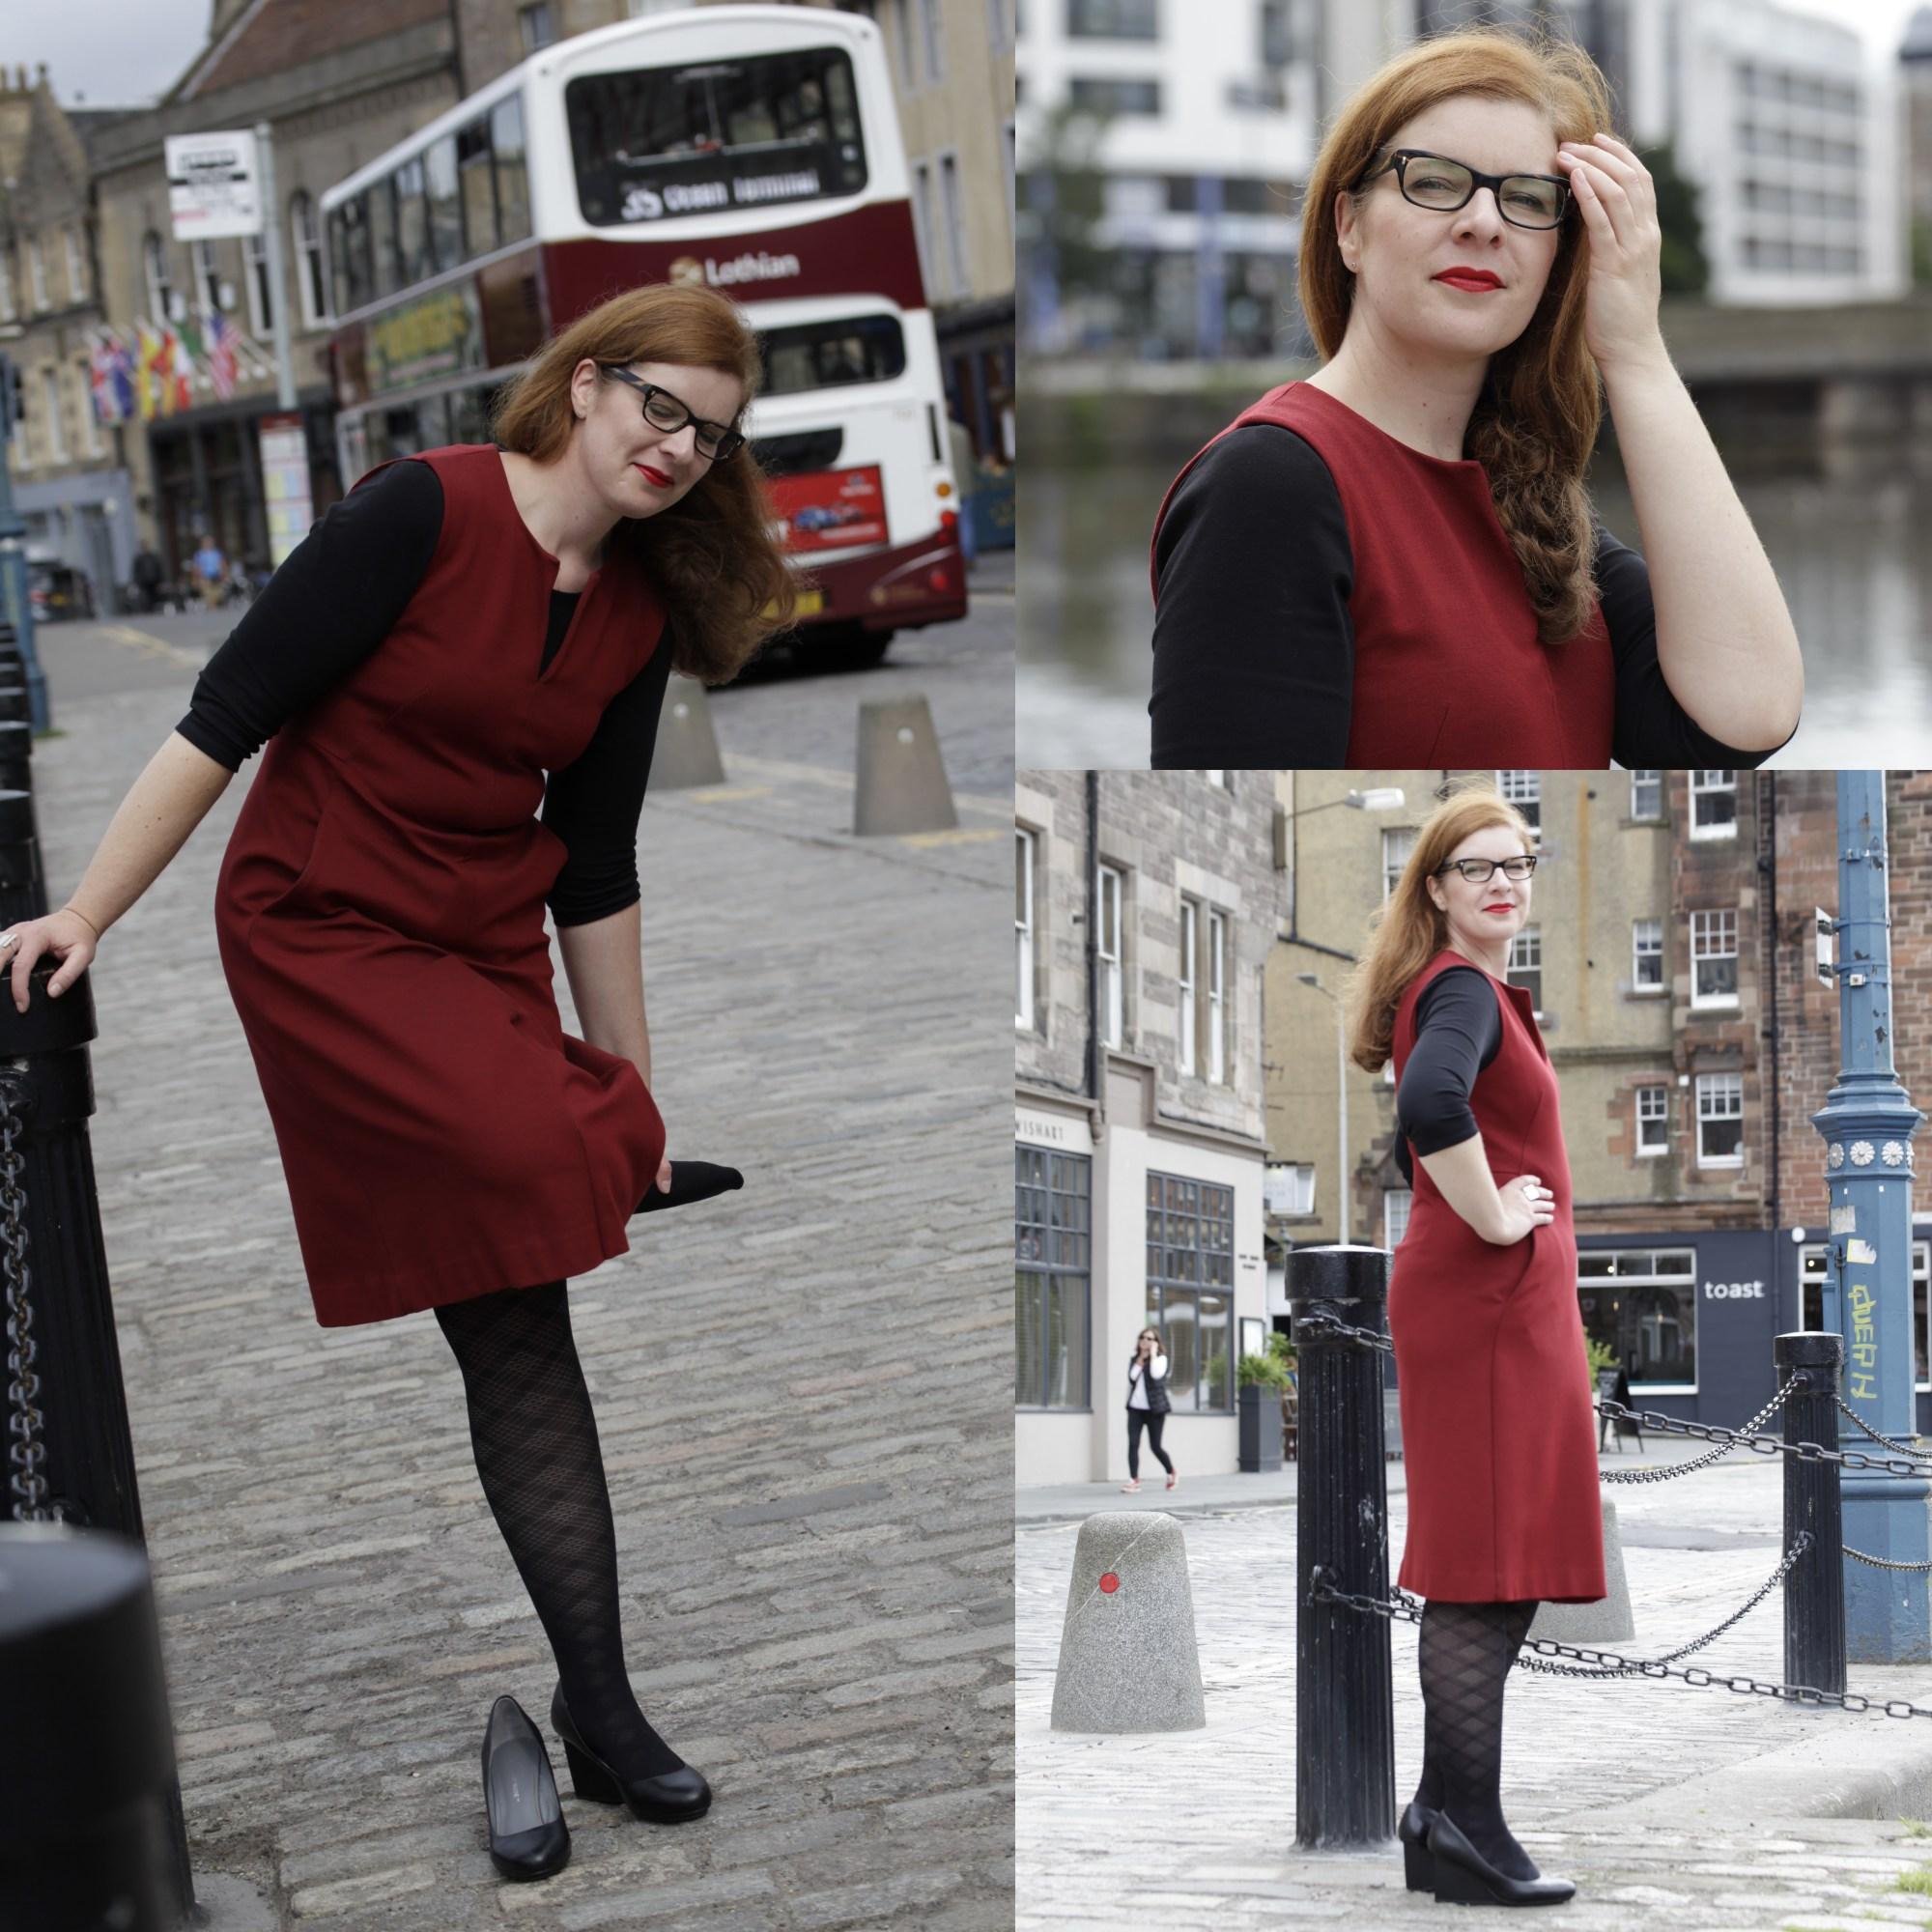 rotes Kleid Fashionblogger Modeblog Freundschaft IKNMLO